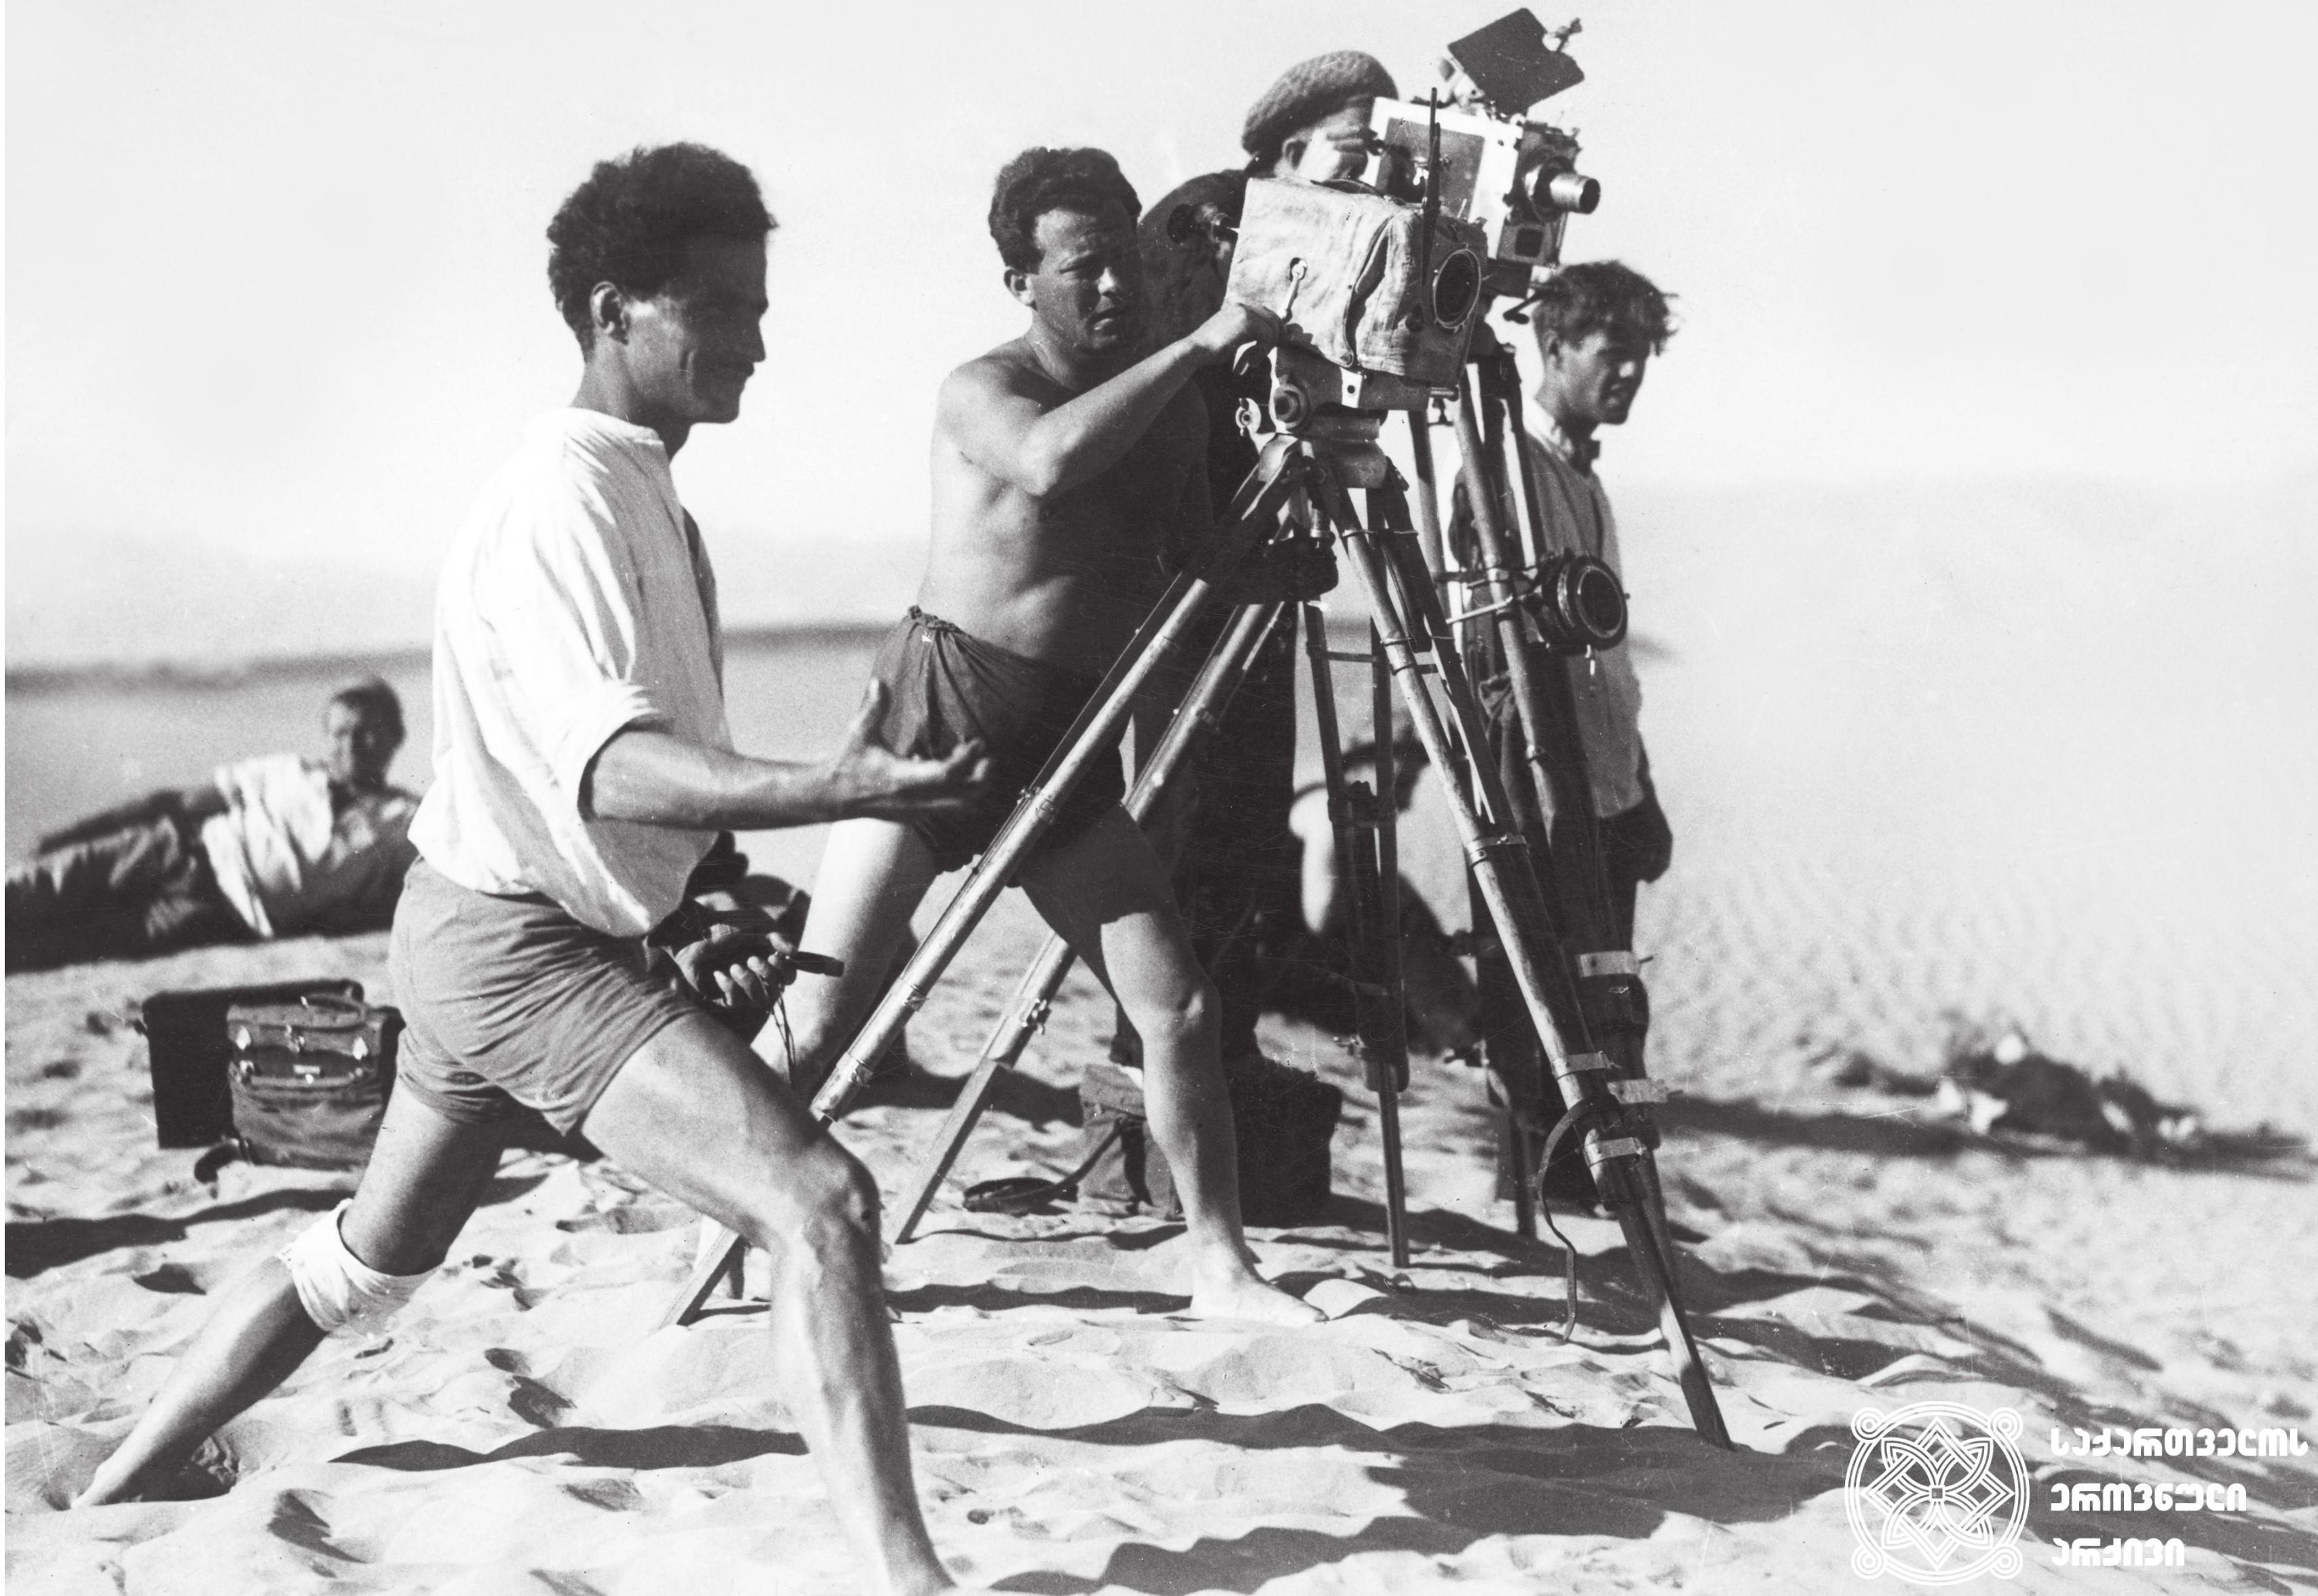 """მხატვრული ფილმი """"26 ბაქოელი კომისარი"""", გადასაღები მოედანი.  <br>რეჟისორი: ნიკოლოზ შენგელაია (წინა პლანზე).  <br>1932 <br> Feature film """"26 Baku Commissars"""", filming location. <br>Director Nikoloz Shengelaia (on the foreground).  <br>1932"""